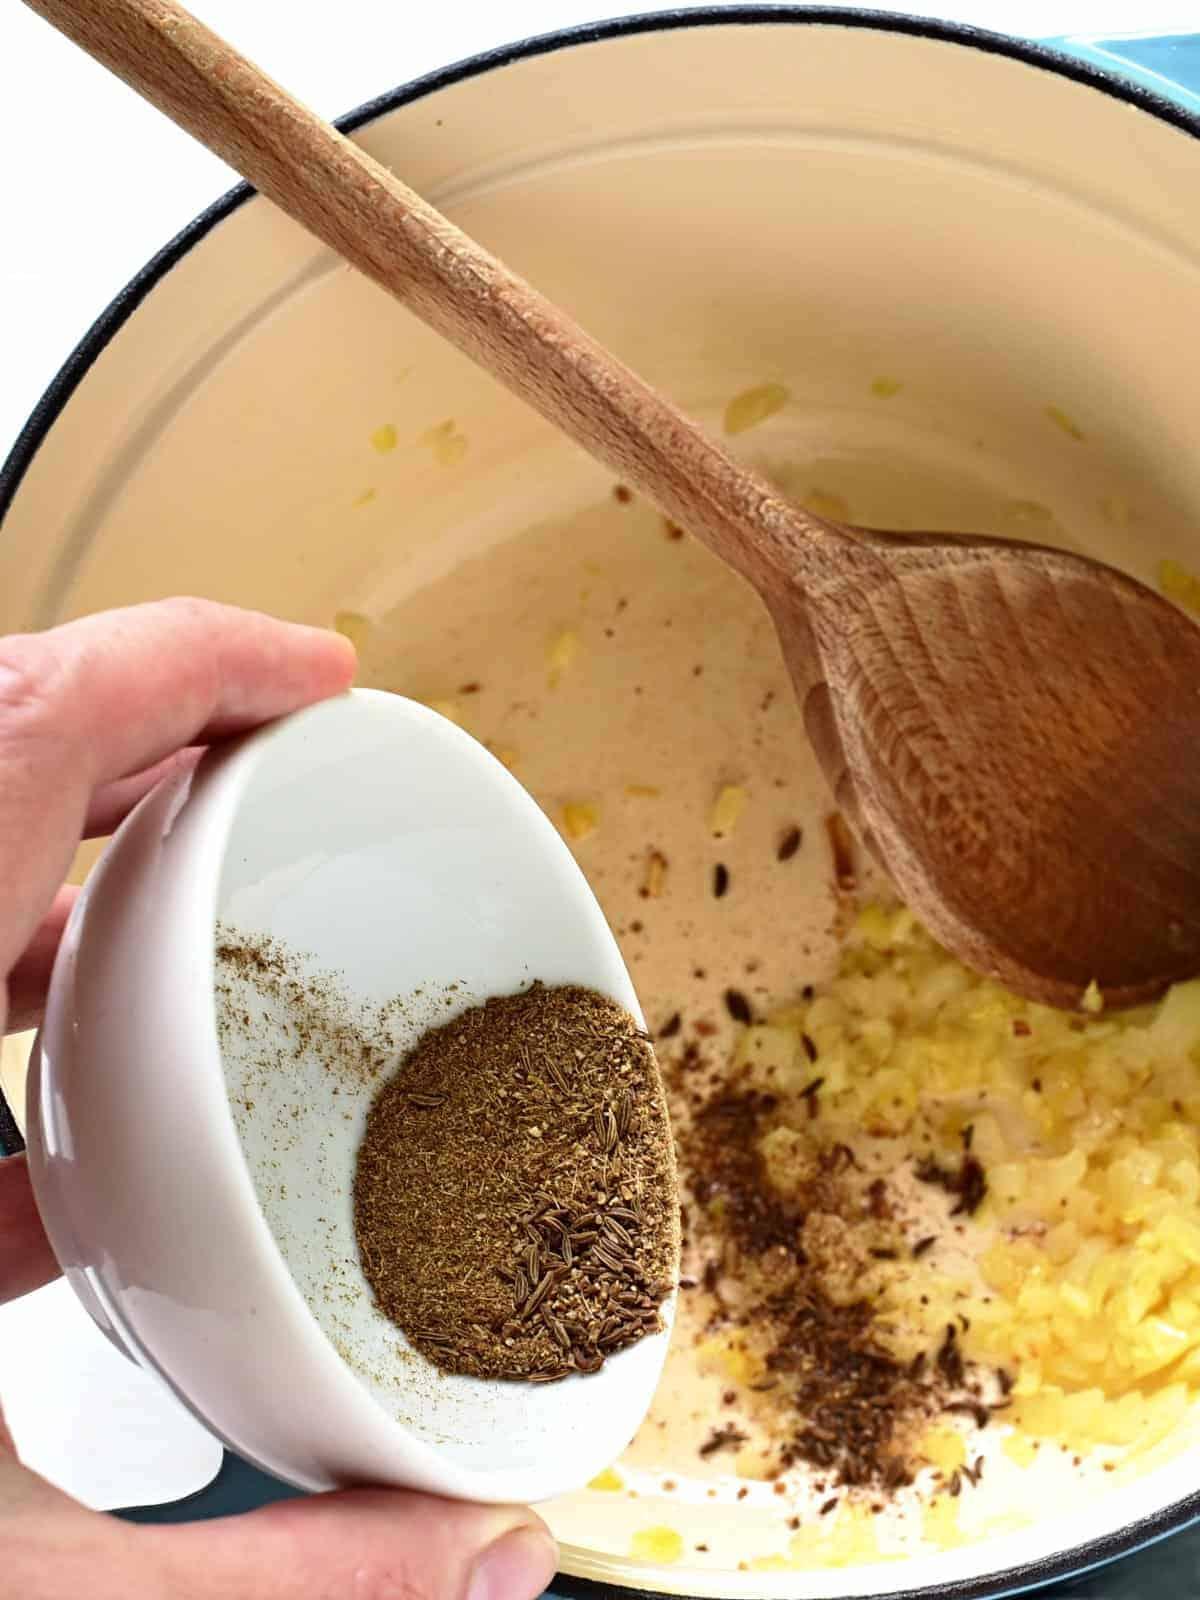 adding caraway seeds